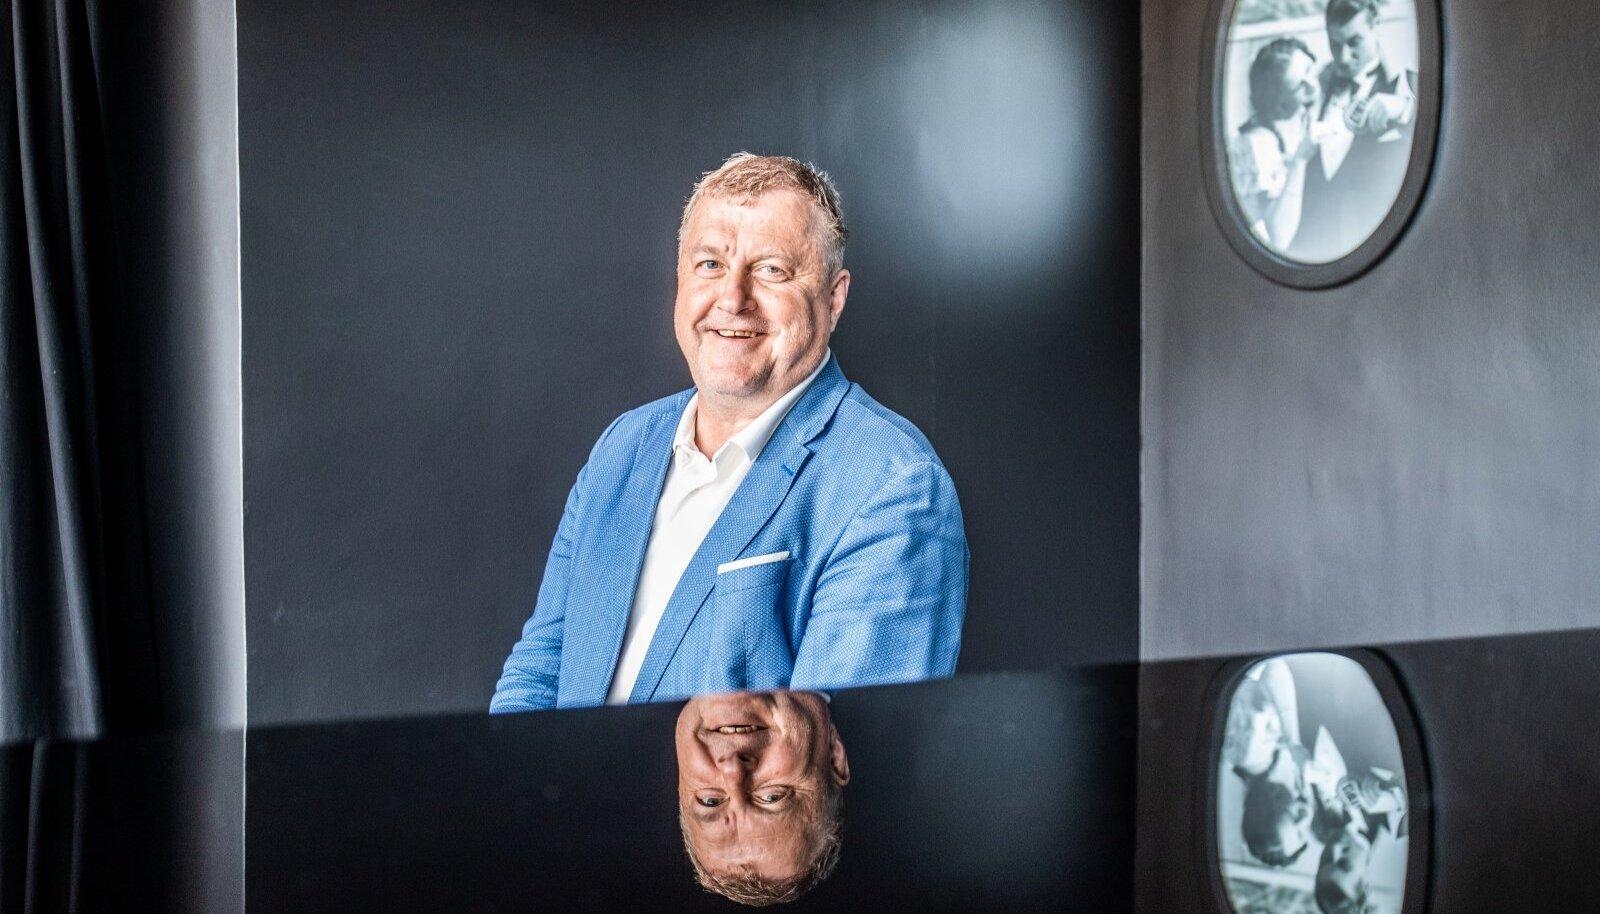 SKANDAALI KESKMES: Rahvusooper Estonia peadirektor Aivar Mäe